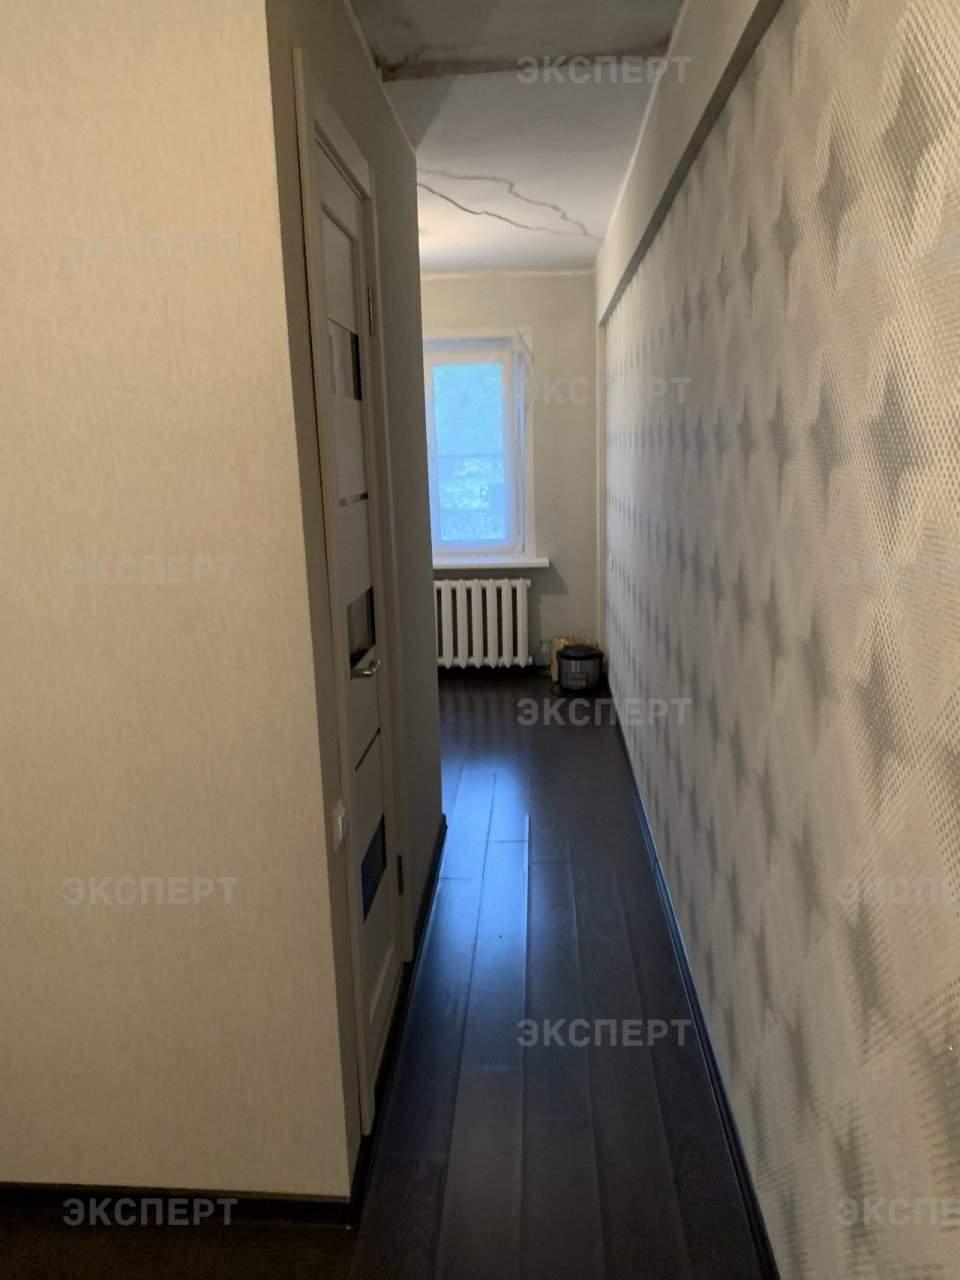 Продажа 1-комнатной квартиры, Великий Новгород, Попова улица,  д.13к1